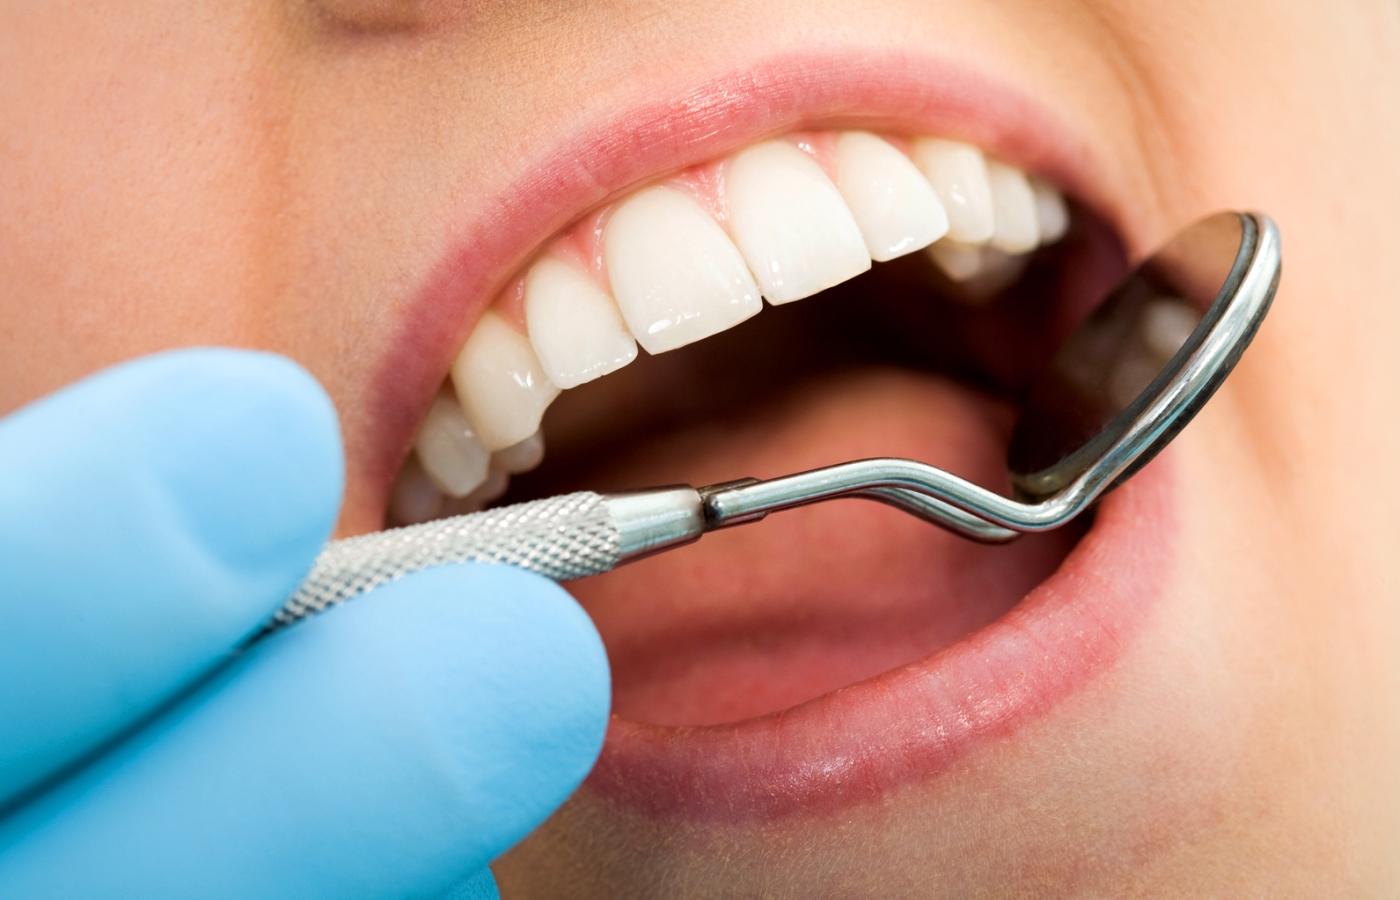 نکاتی در مورد مراقبت از کامپوزیت دندان